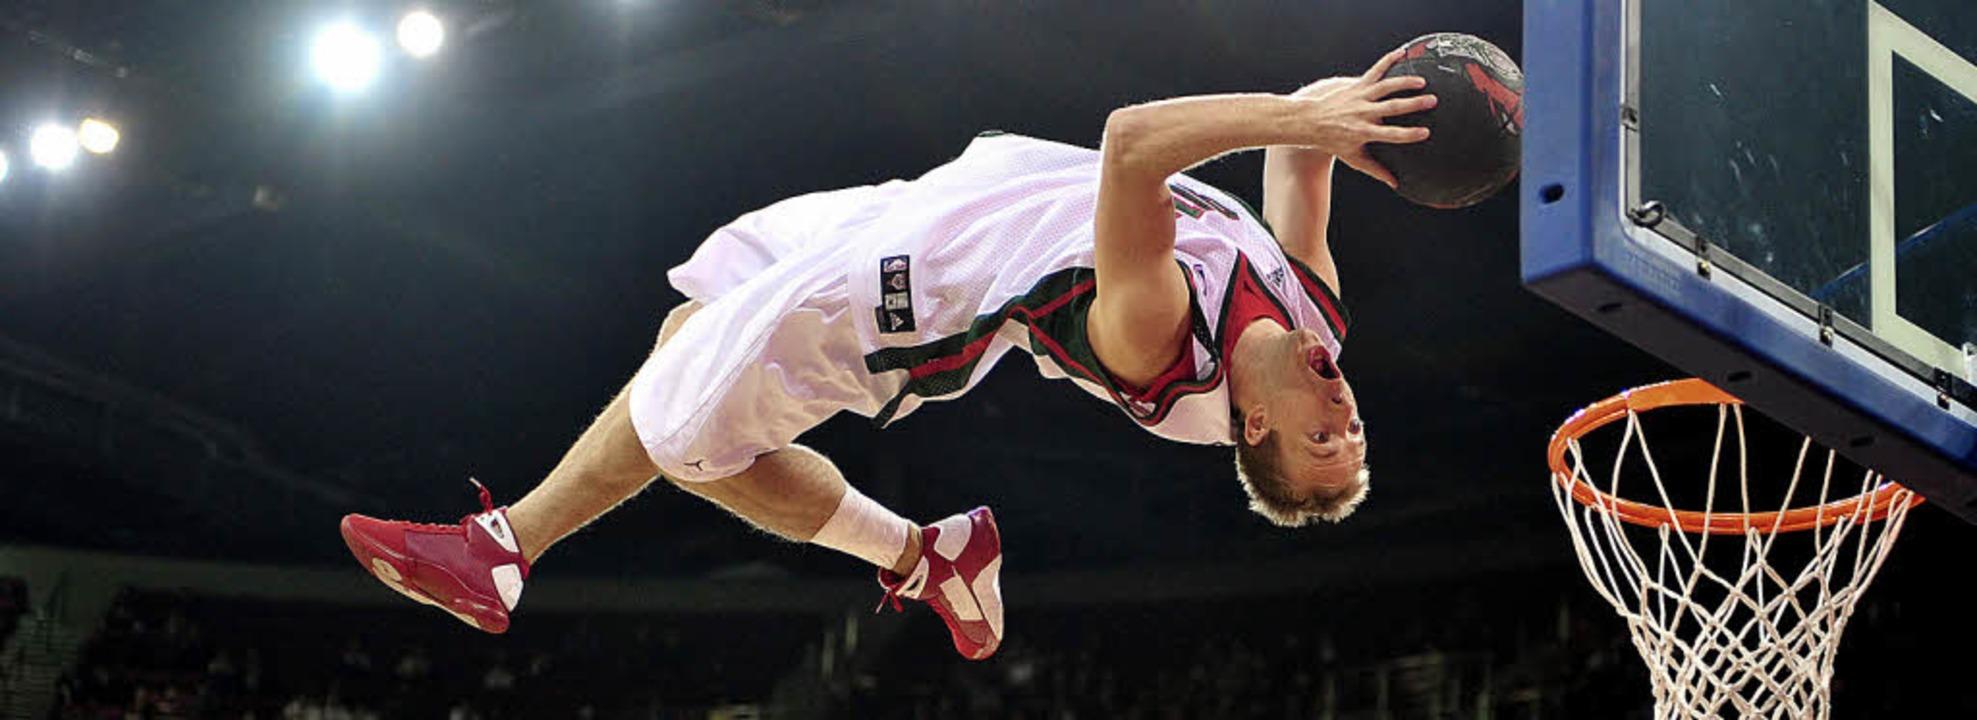 Das wollen die Zuschauer beim Basketba... den USA sehen: artistische Slamdunks   | Foto: afp